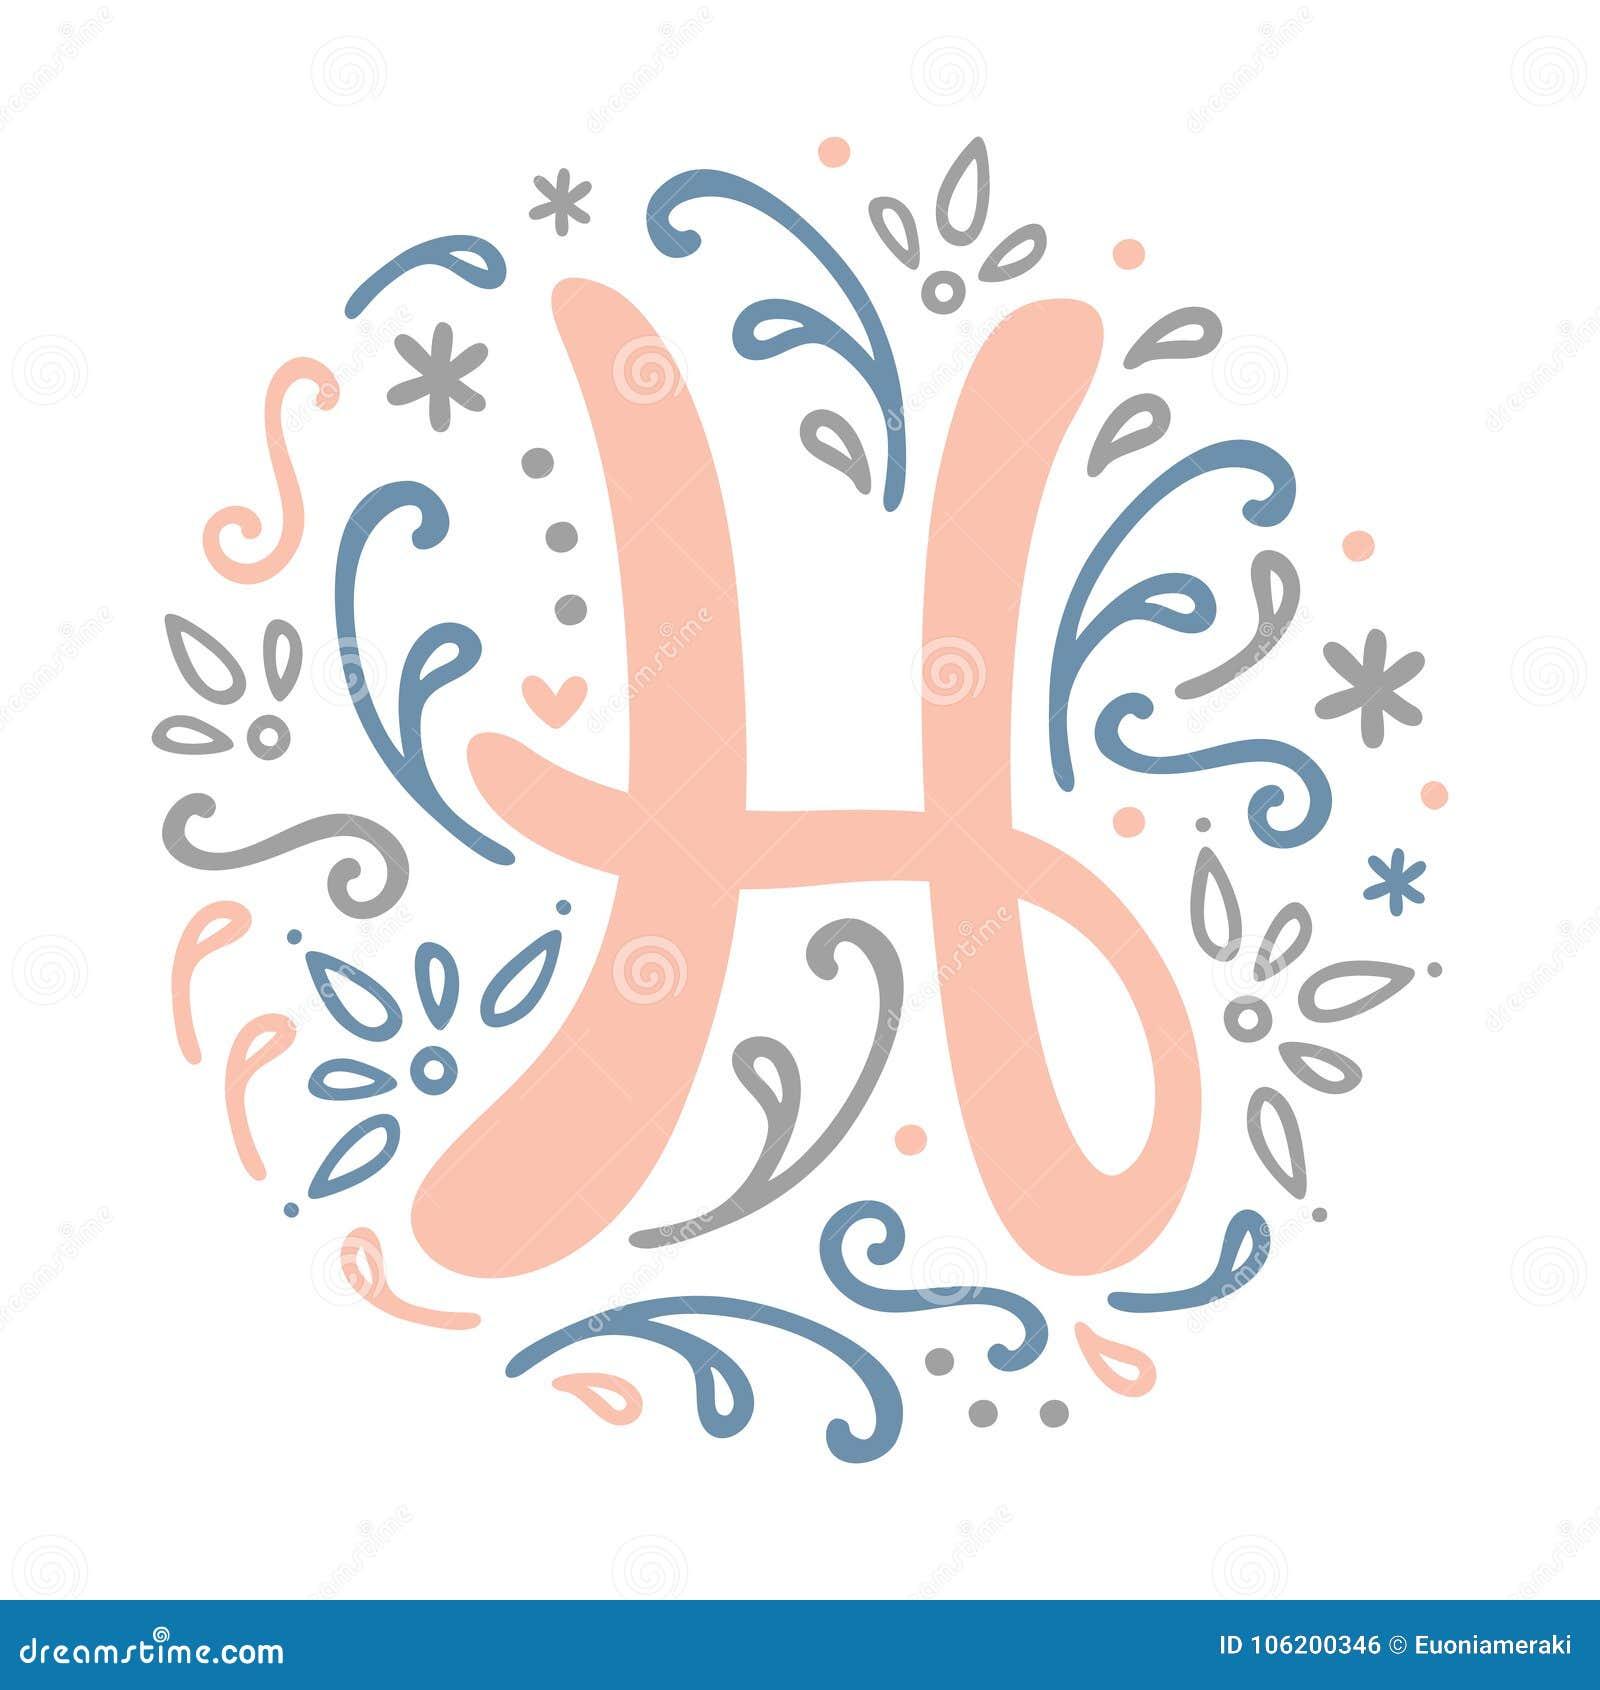 39d5801a234 feminine monogram design h letter alphabet art nouveau style .